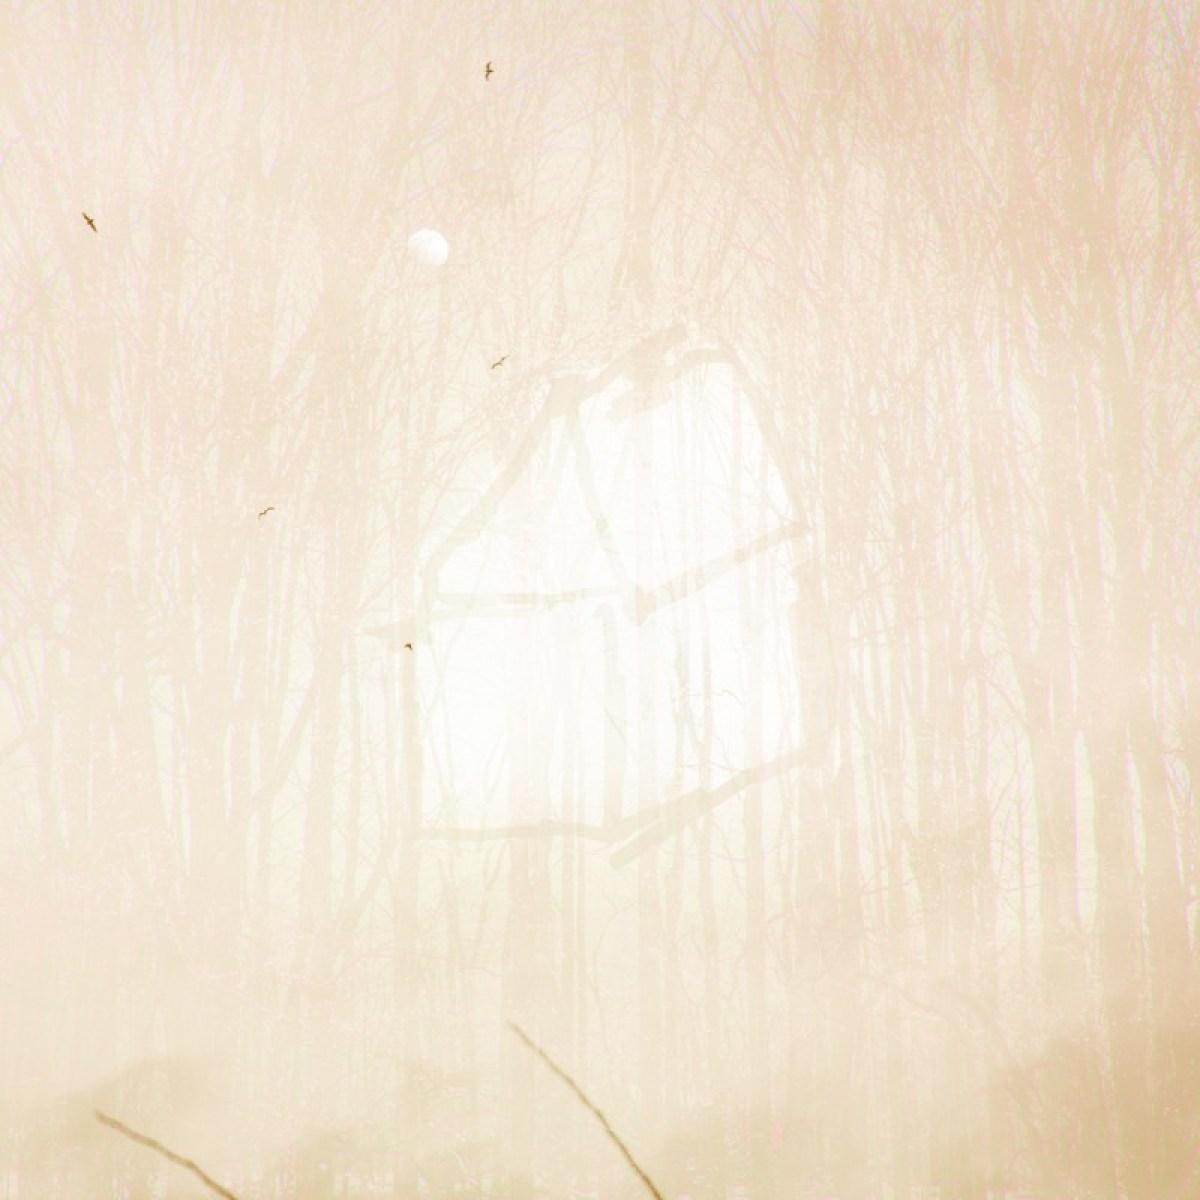 Une vie en camouflage -beige doré © Julie Beauchemin